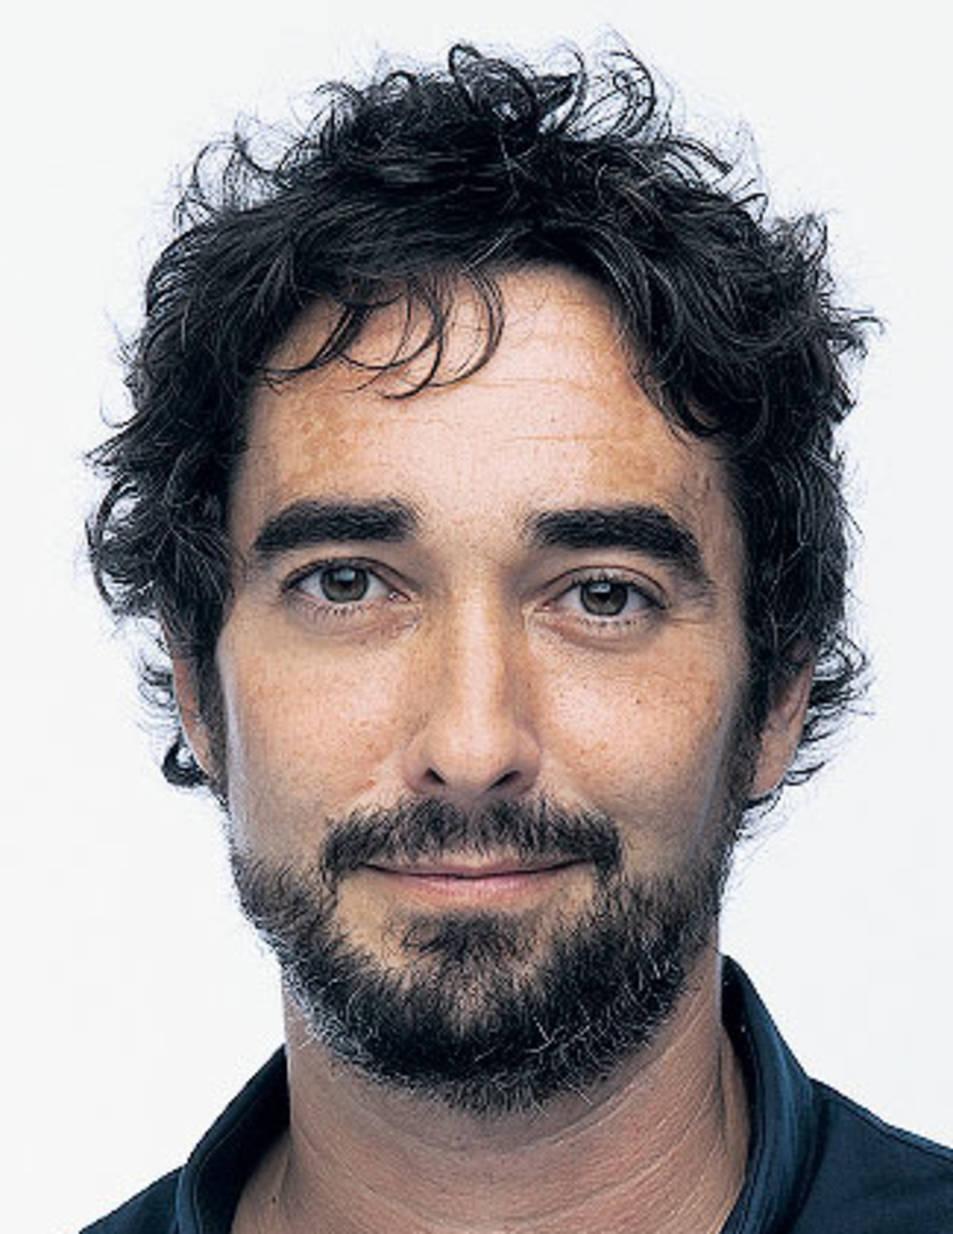 Carles CastilloCarles Castillo